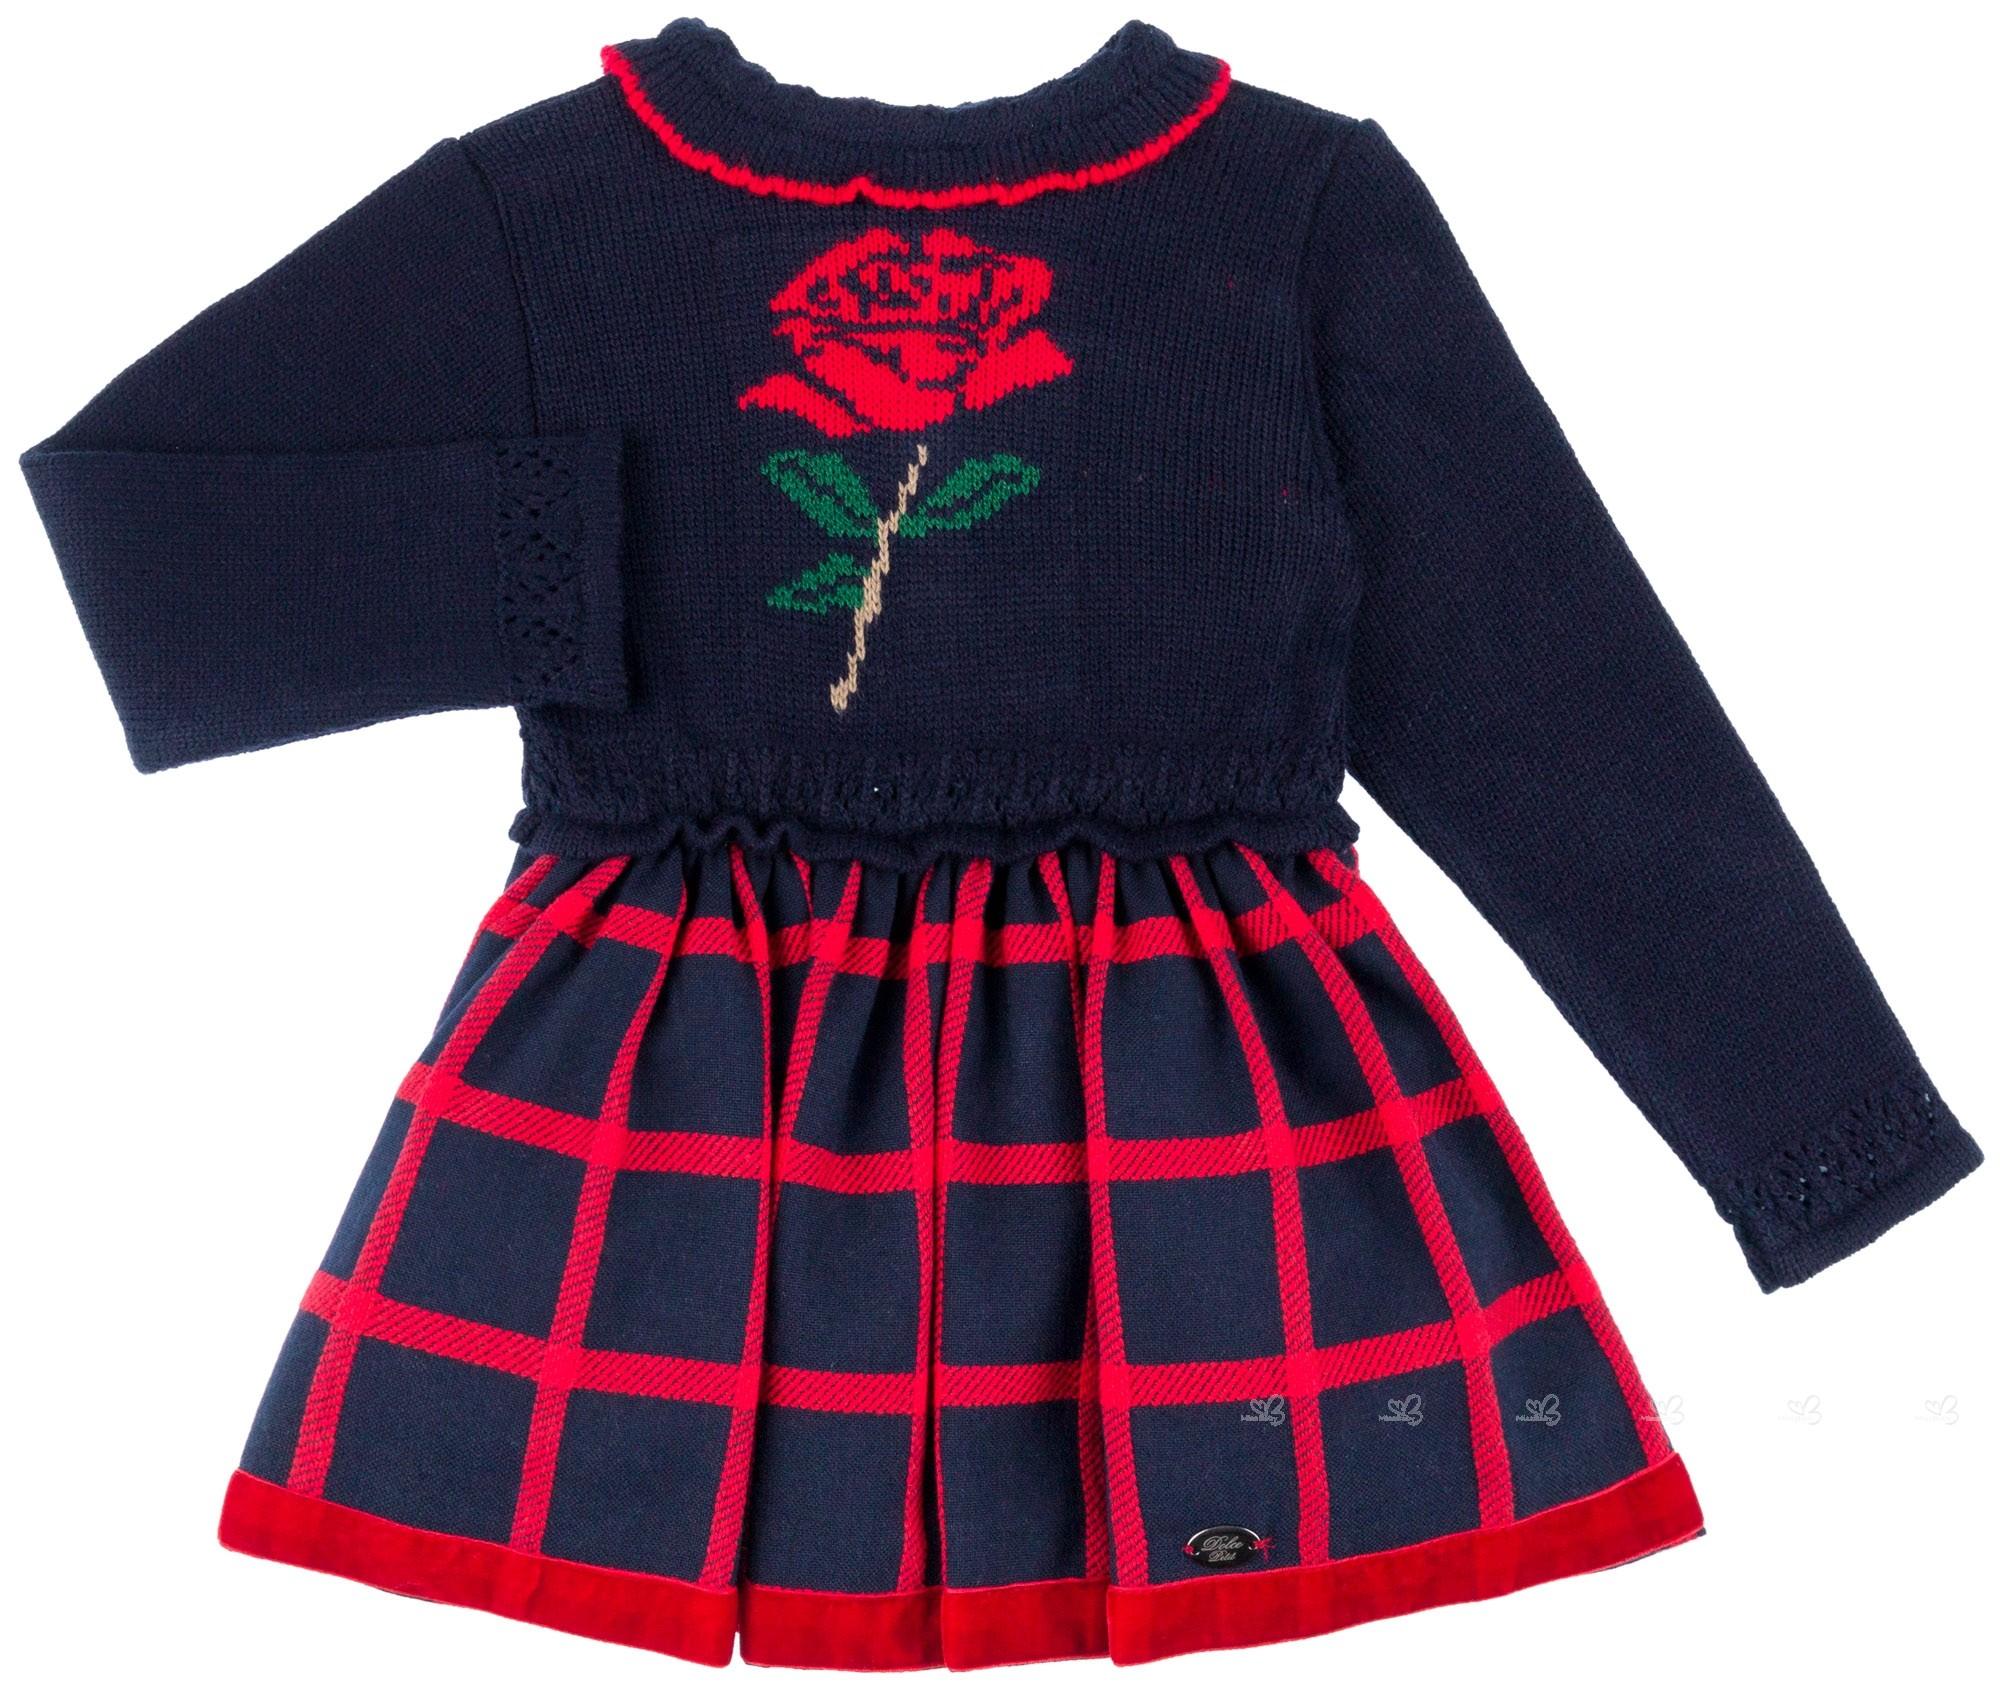 Dolce Petit Vestido Niña Cuerpo Punto Flor Rosa   Falda Cuadros Marino ... 44c5bc72639f